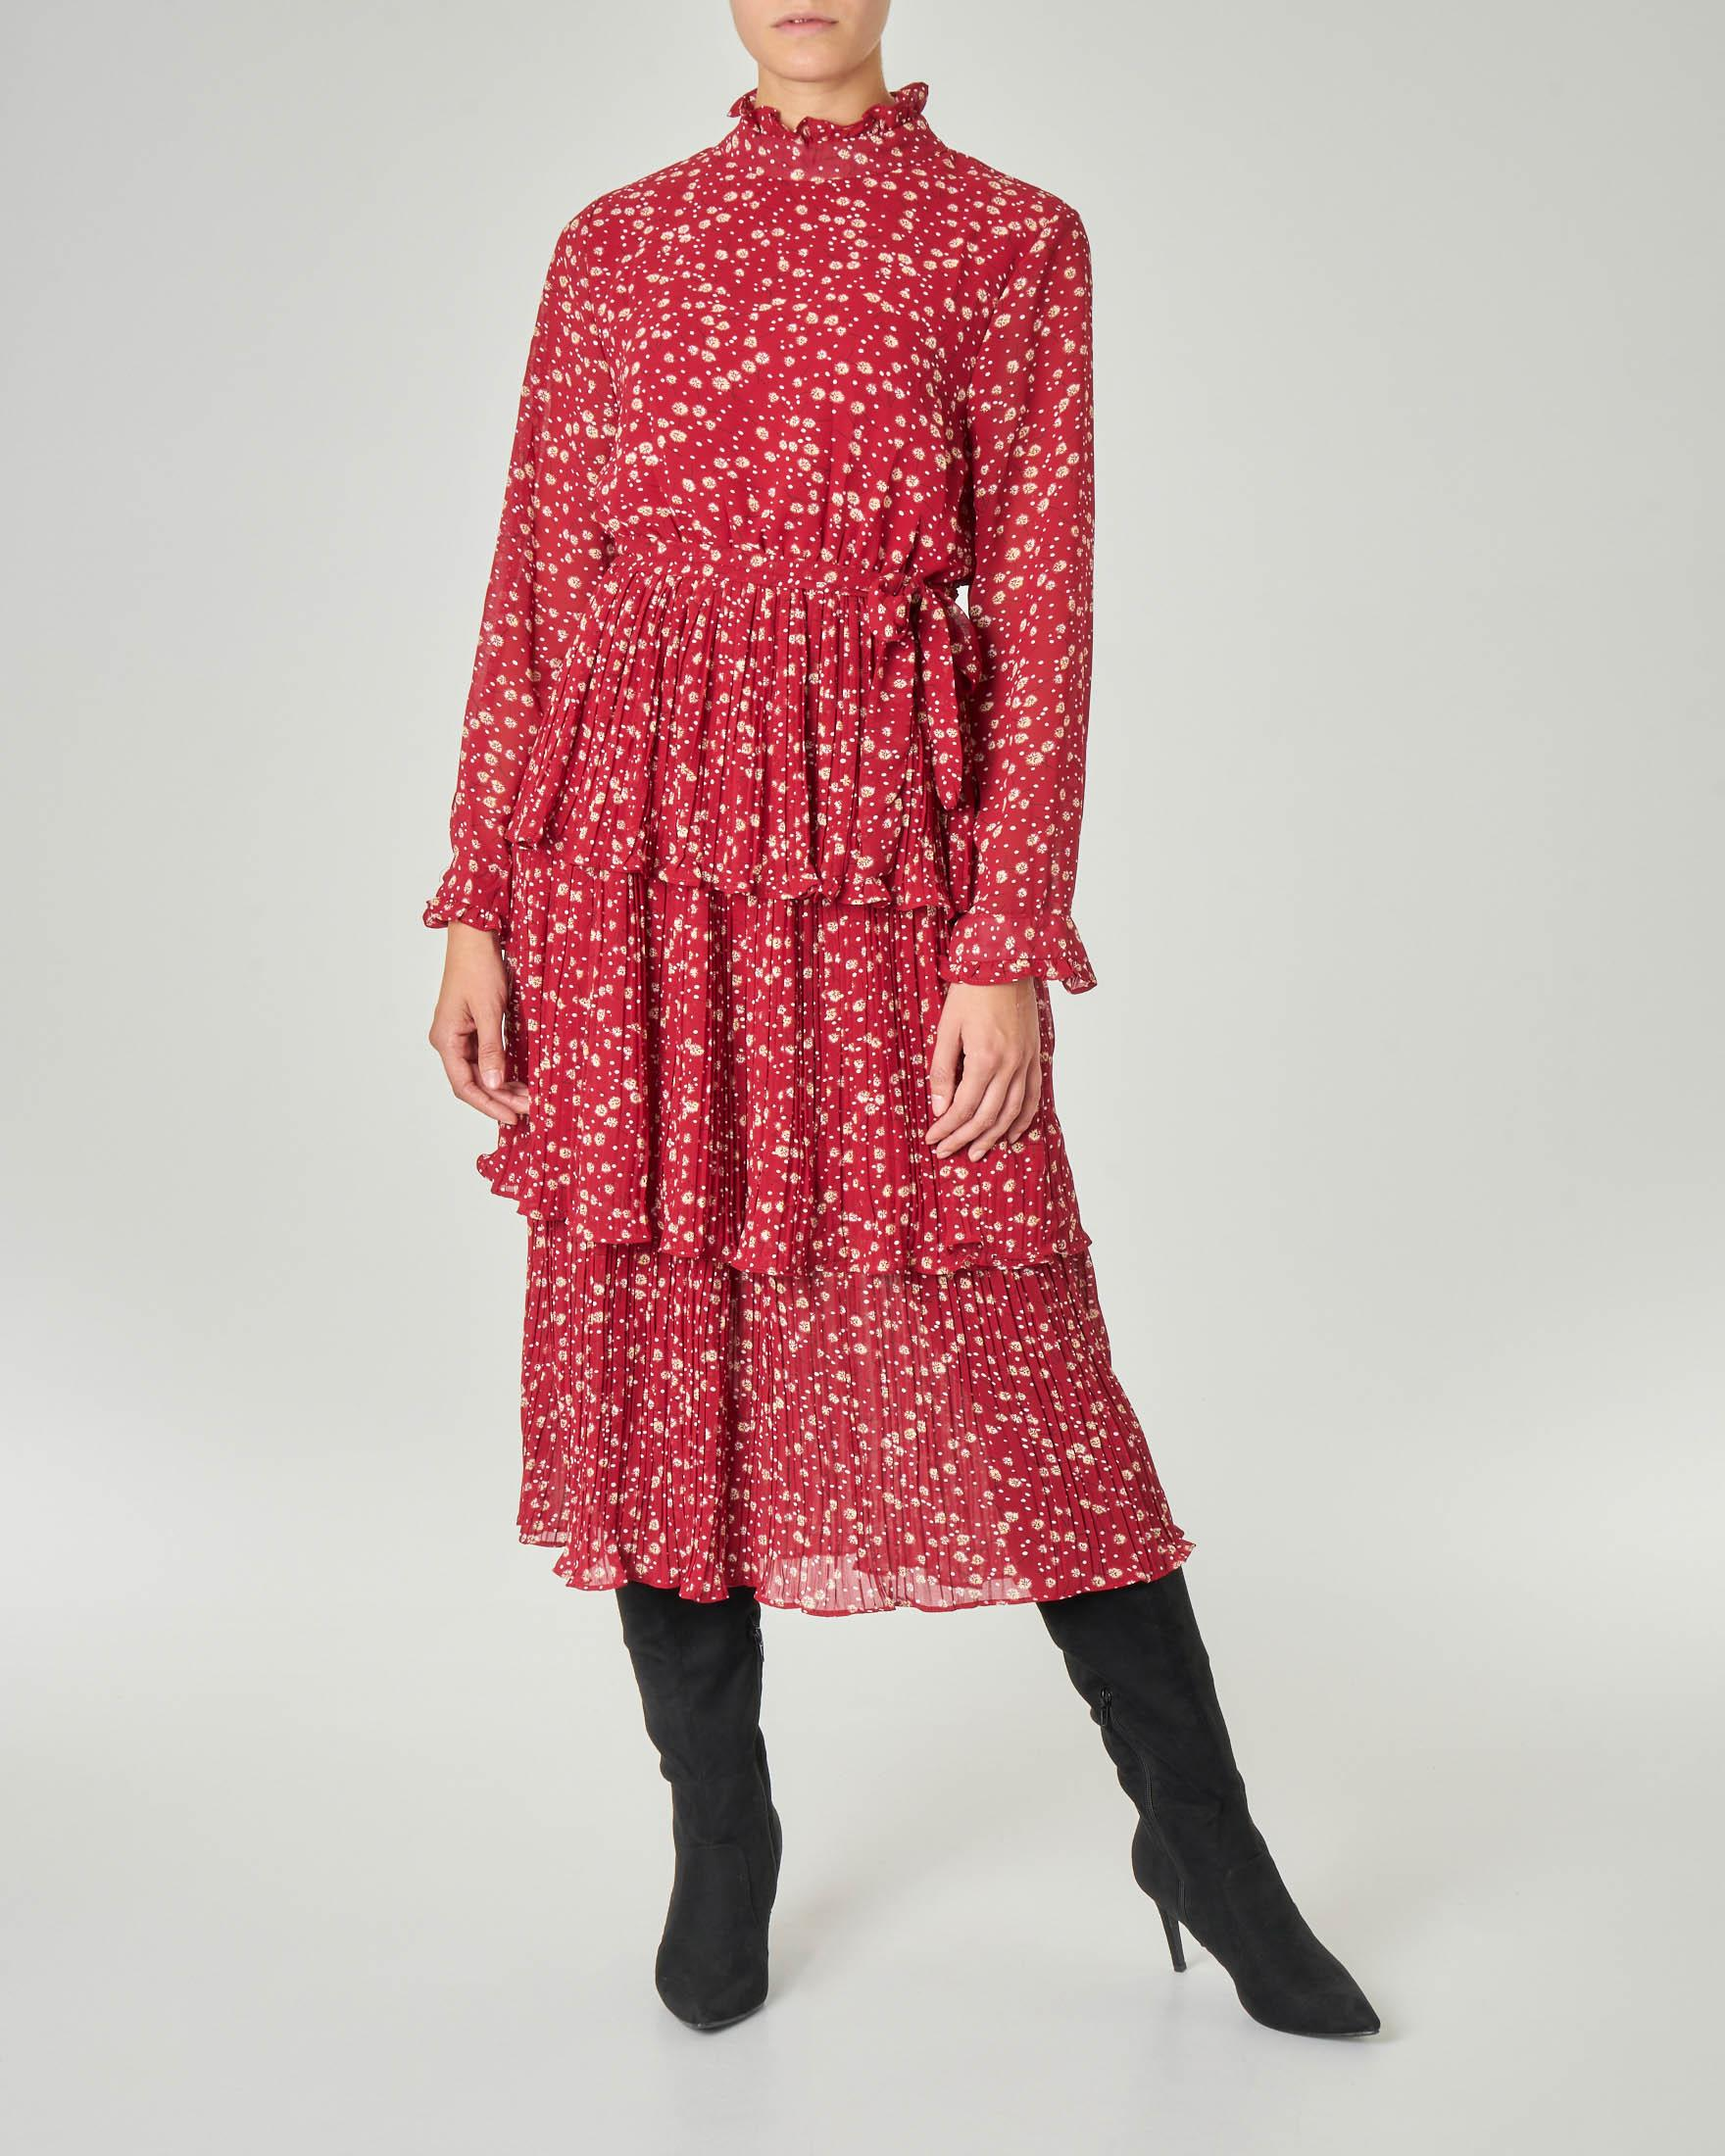 Abito midi rosso a microfantasia bianca con gonna plissettata con balze e cintura in vita